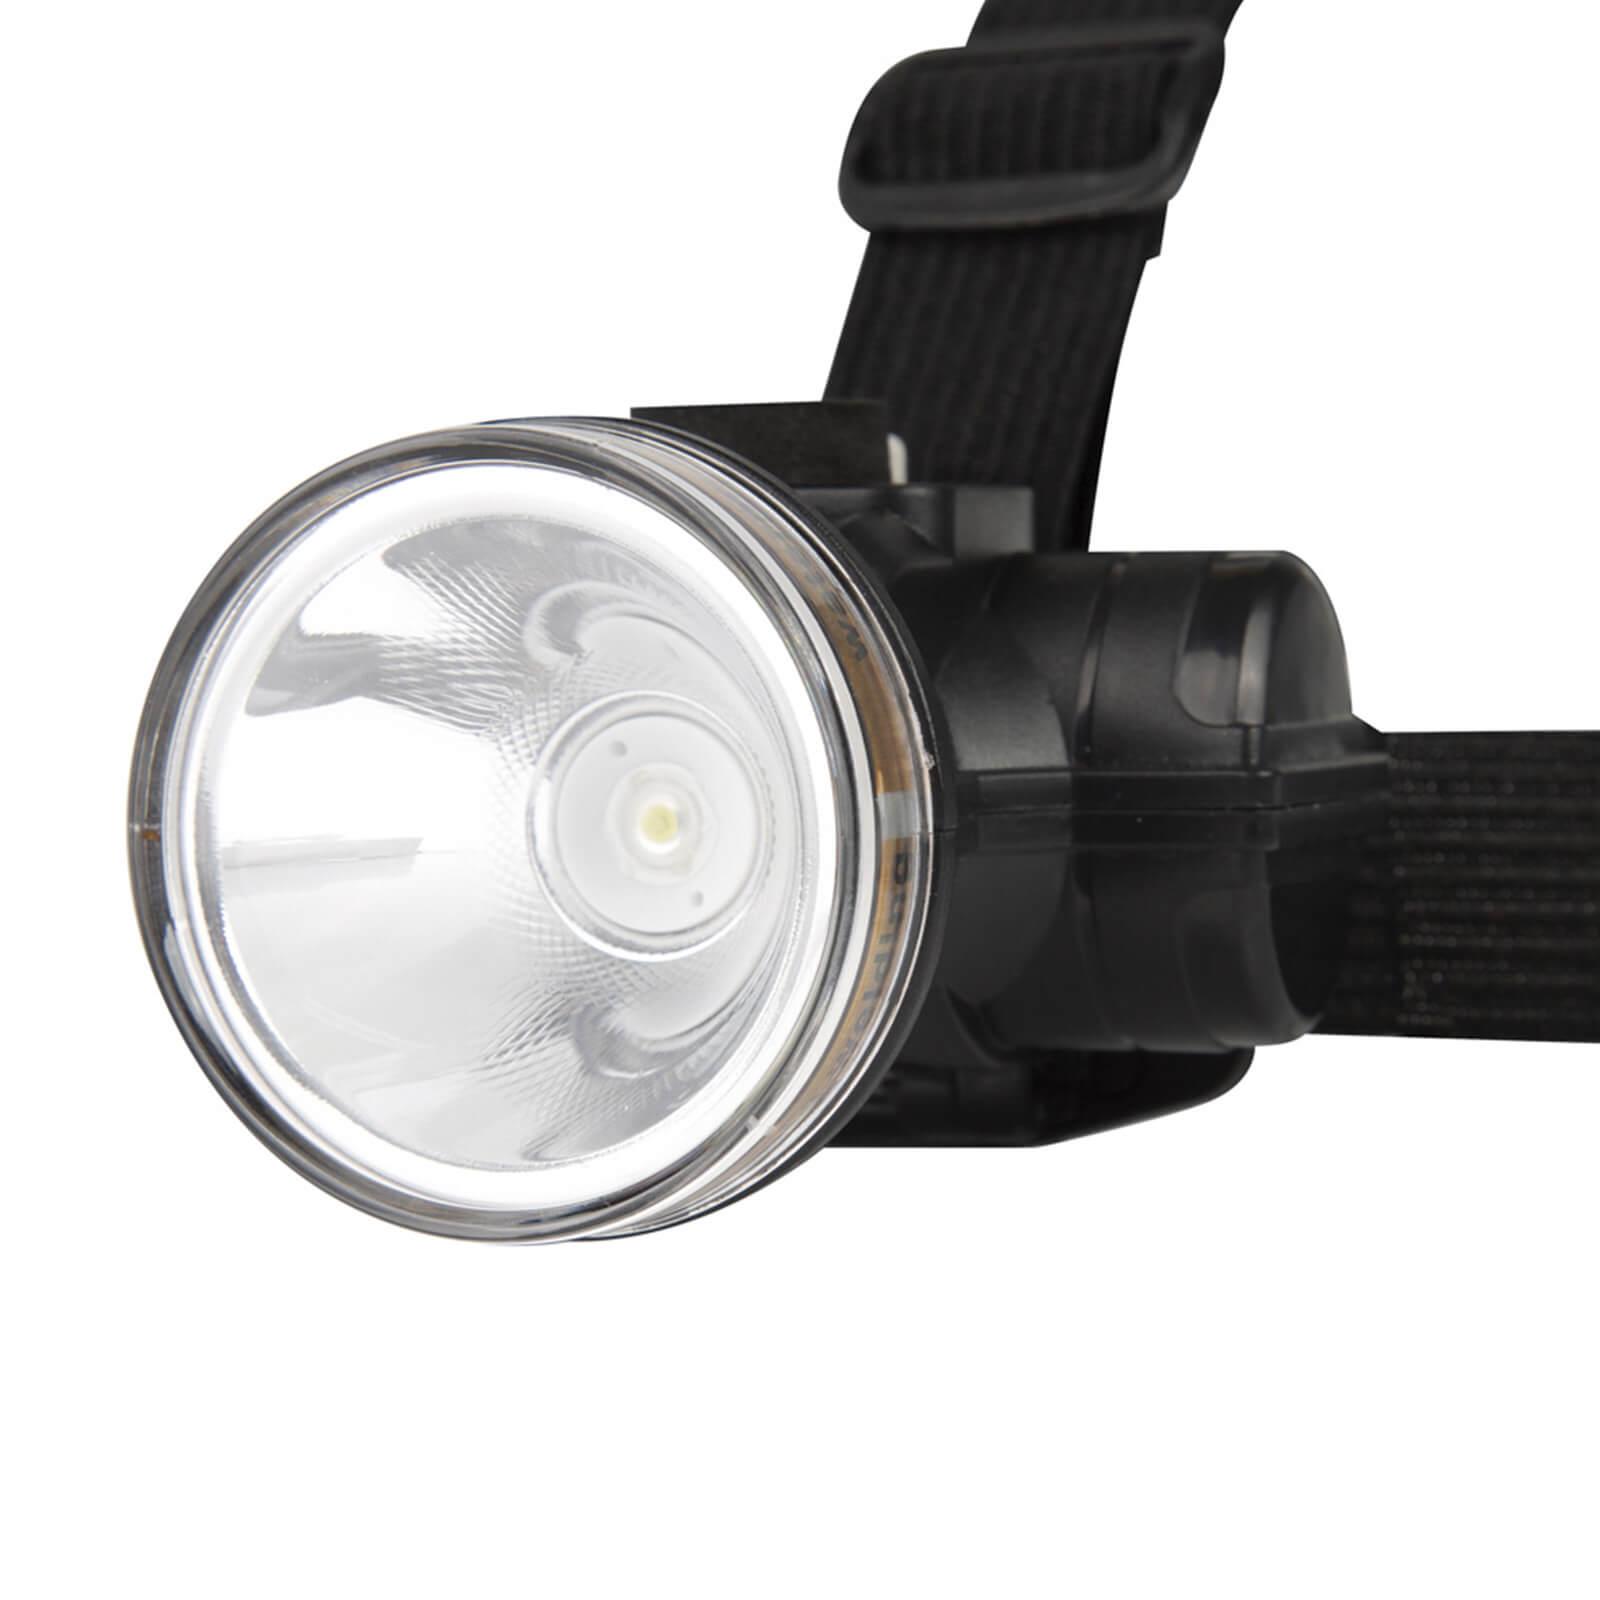 Lanterna de Cabeça Recarregável 90 Lúmens Mor